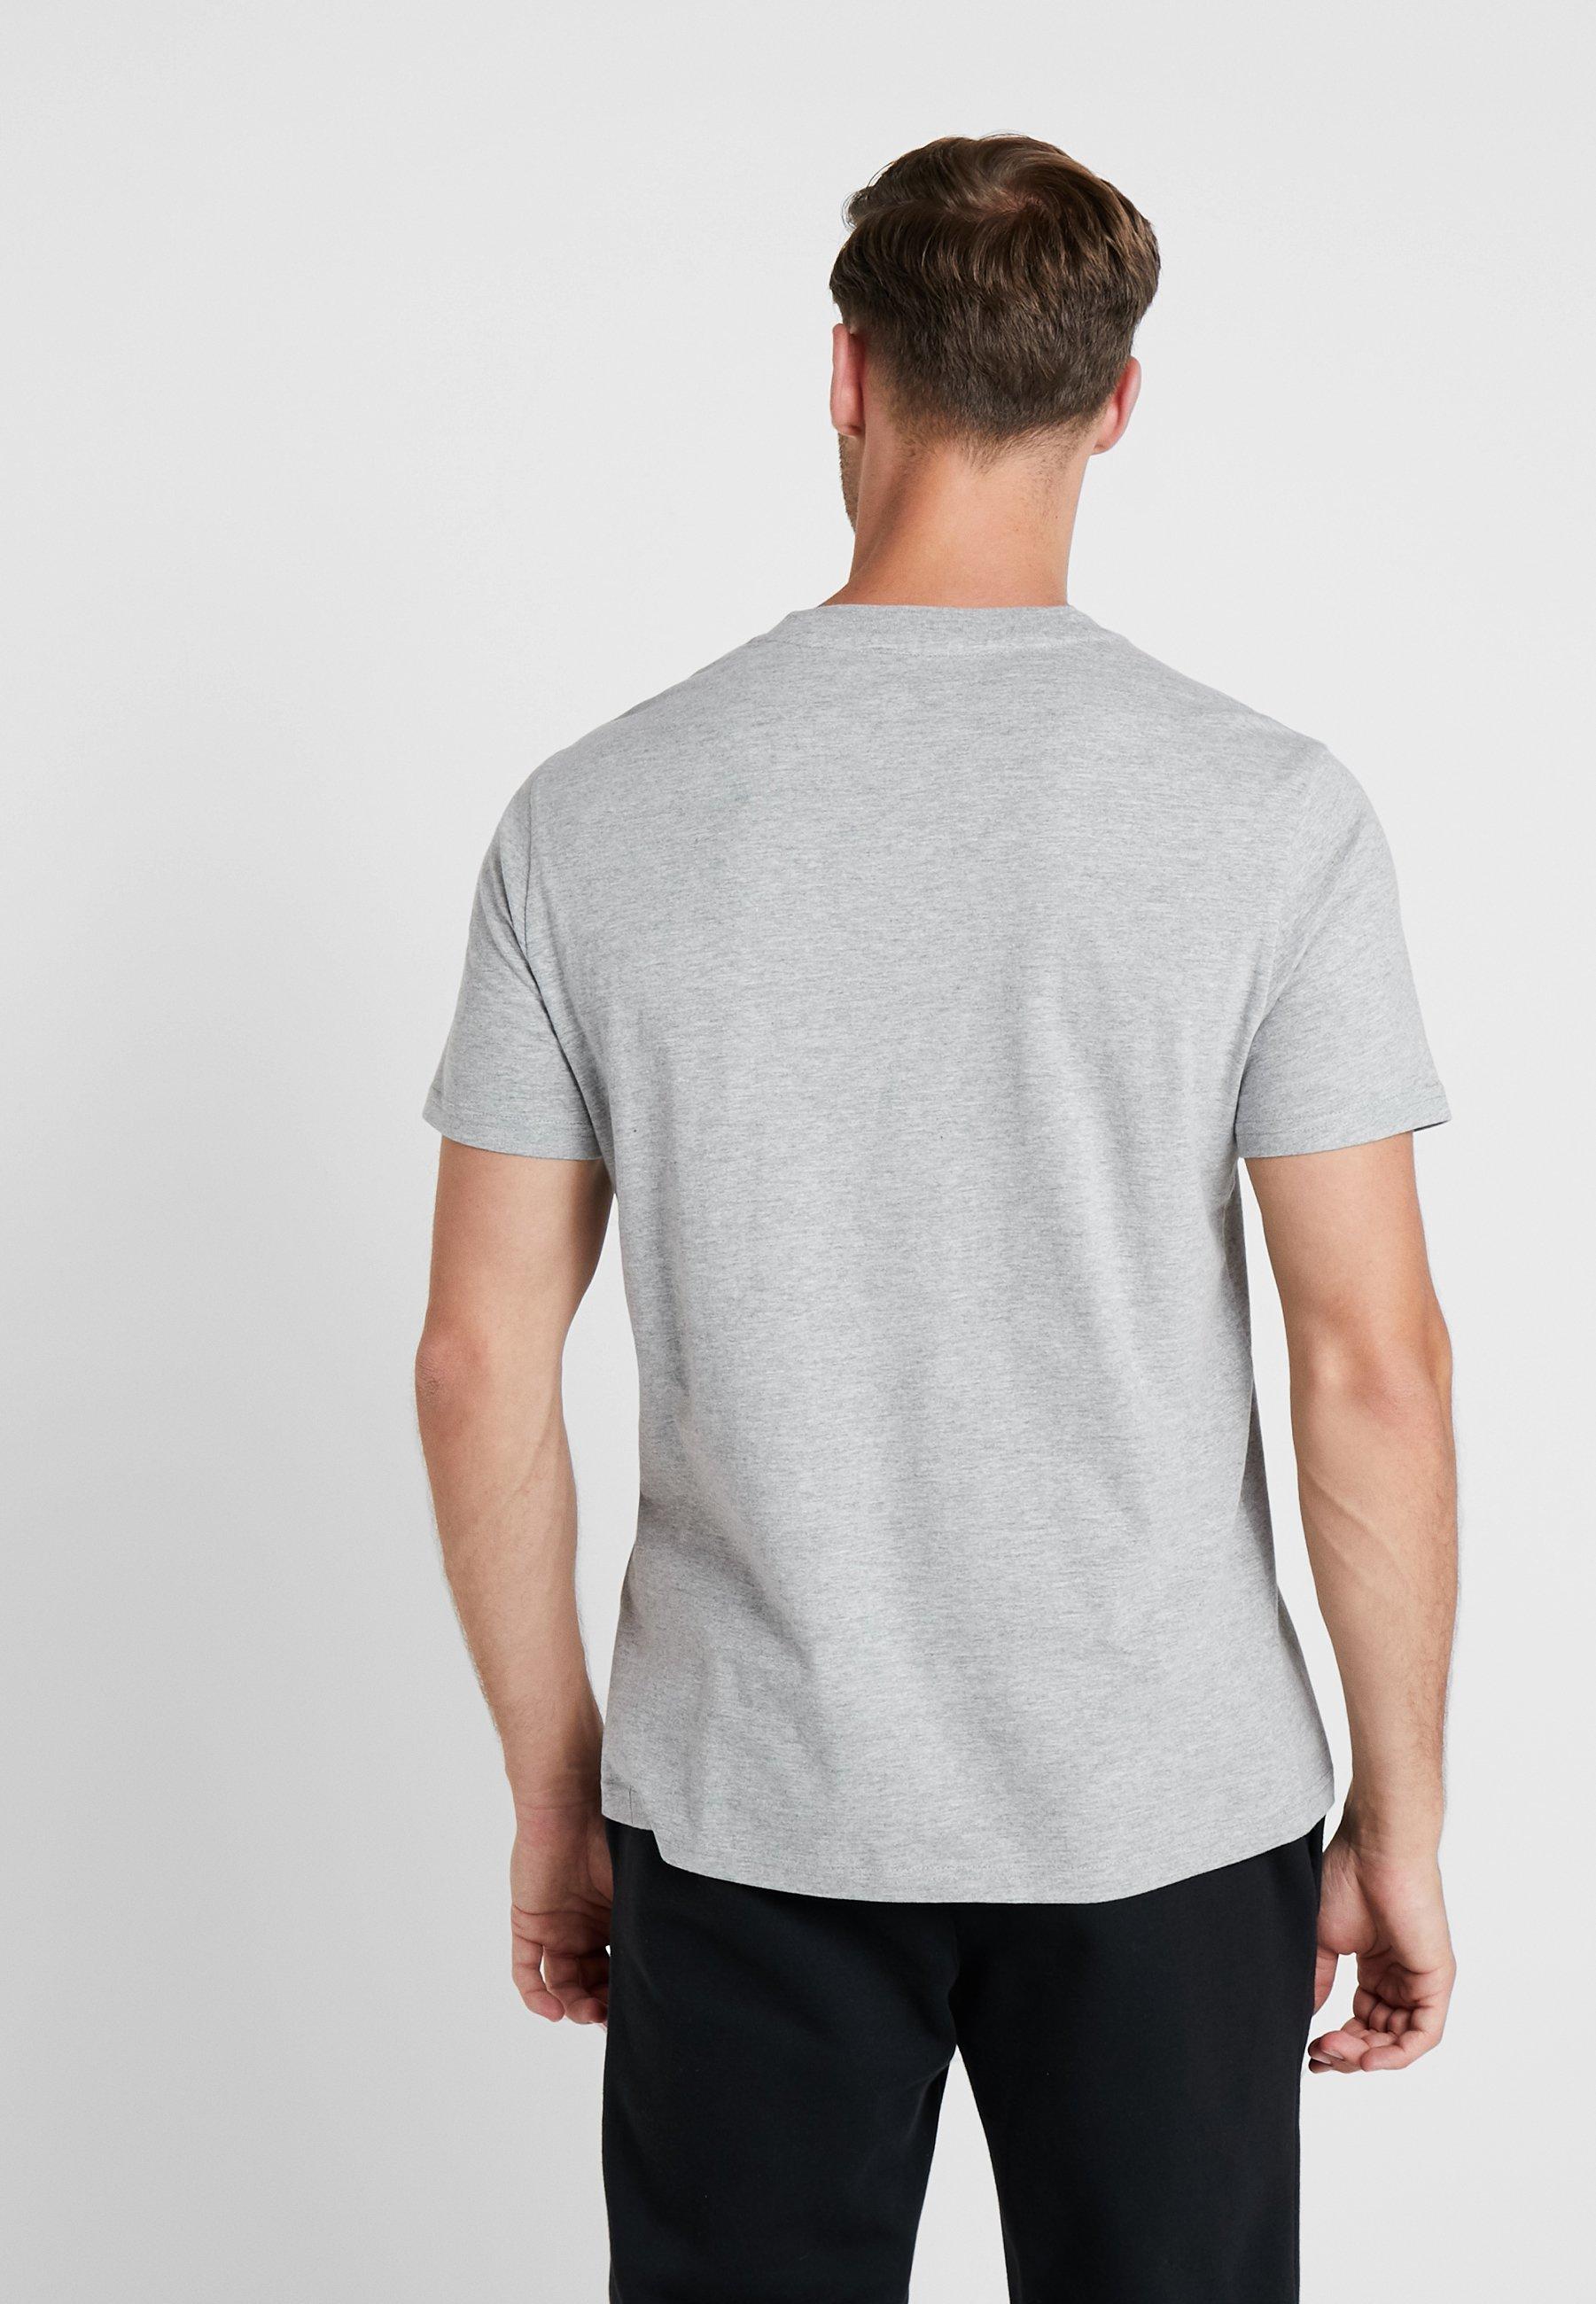 CrewneckT shirt Imprimé Imprimé Grey Champion CrewneckT Champion shirt Champion CrewneckT Grey shirt 34jL5ARq